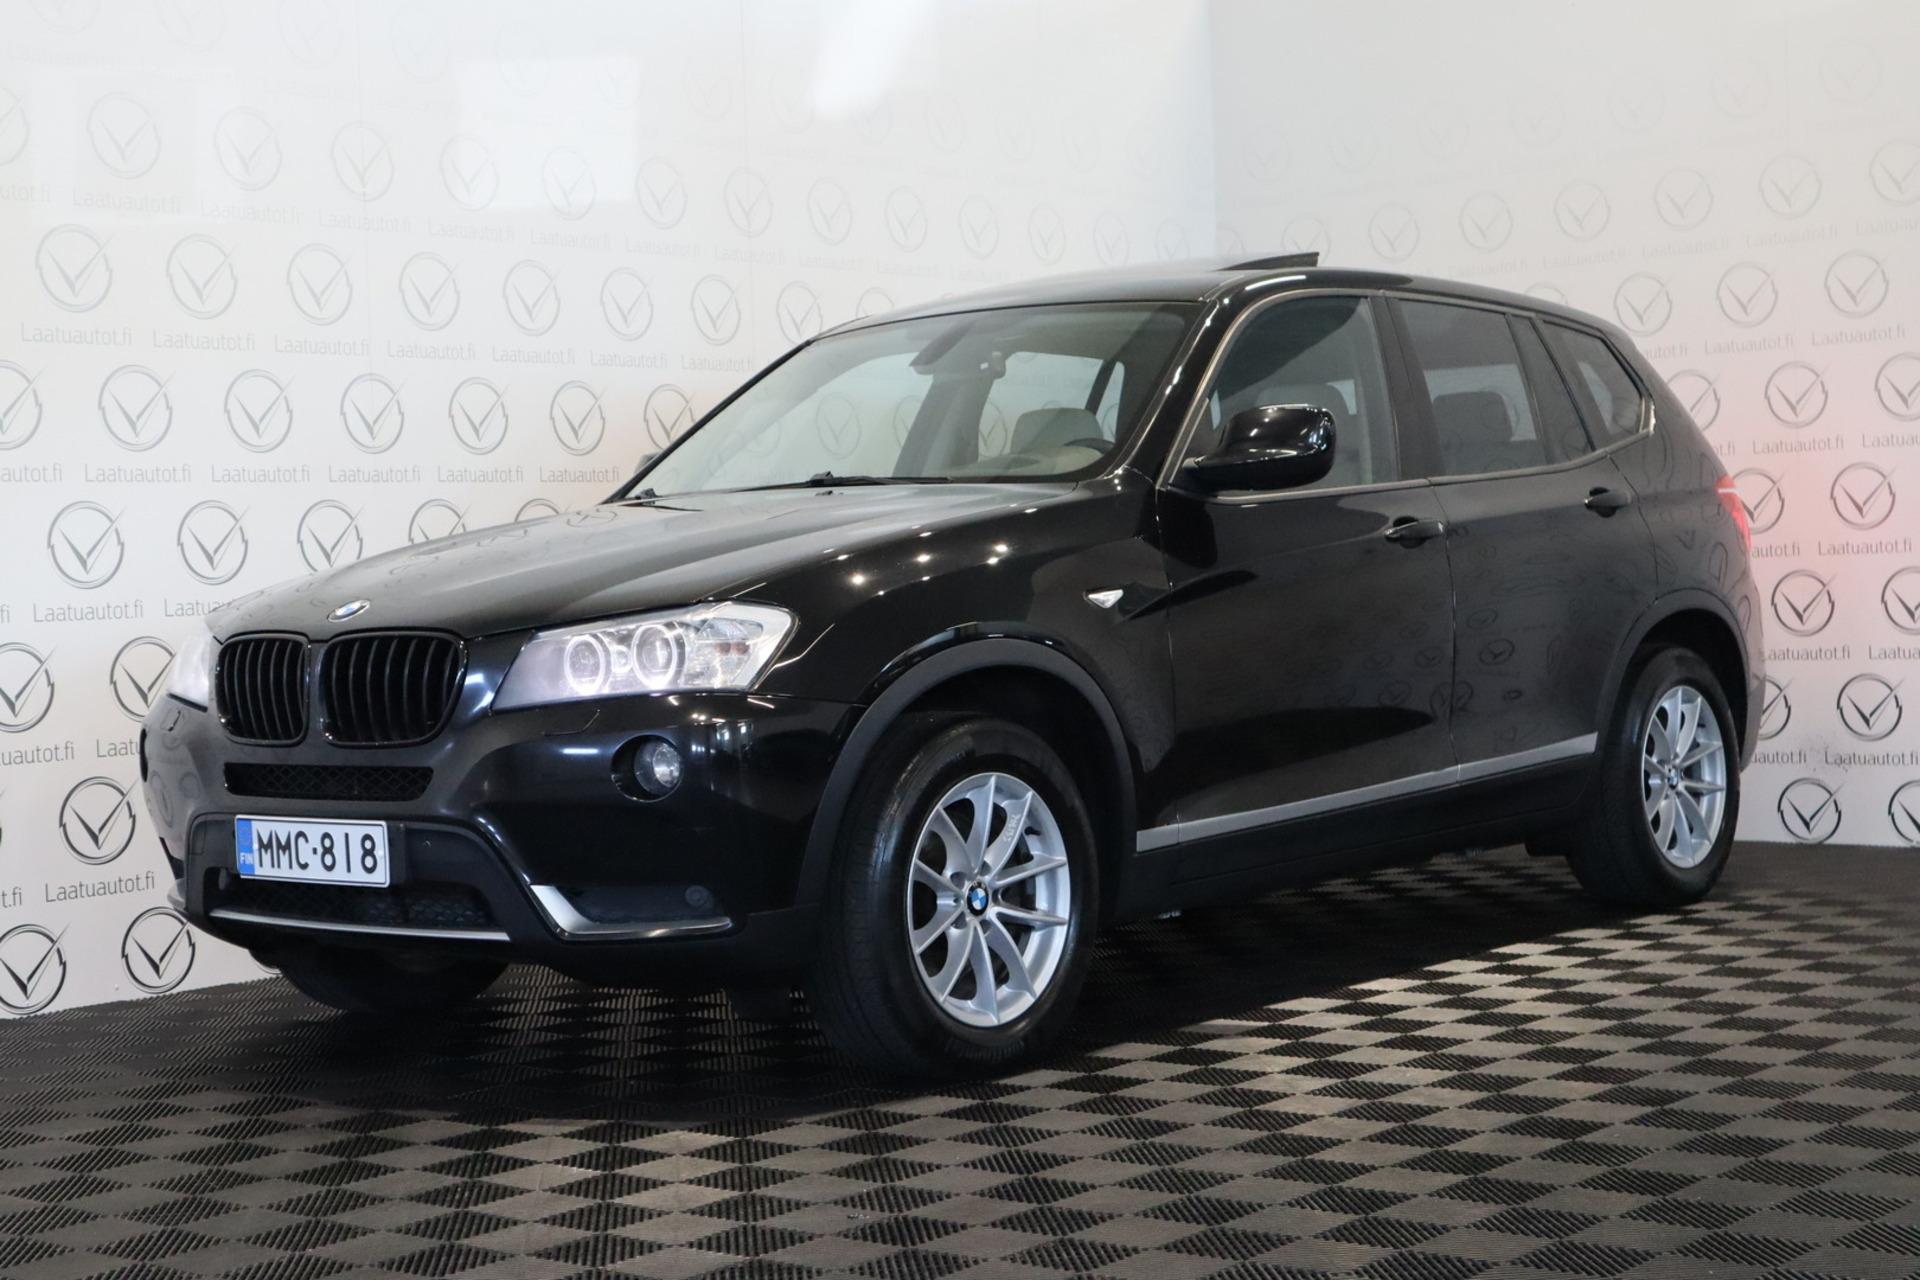 BMW X3 xDrive 30d A F25 - Rahoitus 1.89% jopa ilman käsirahaa! Panorama / Navigointi /   HUD / Peruutuskamera / Nahkasisusta!